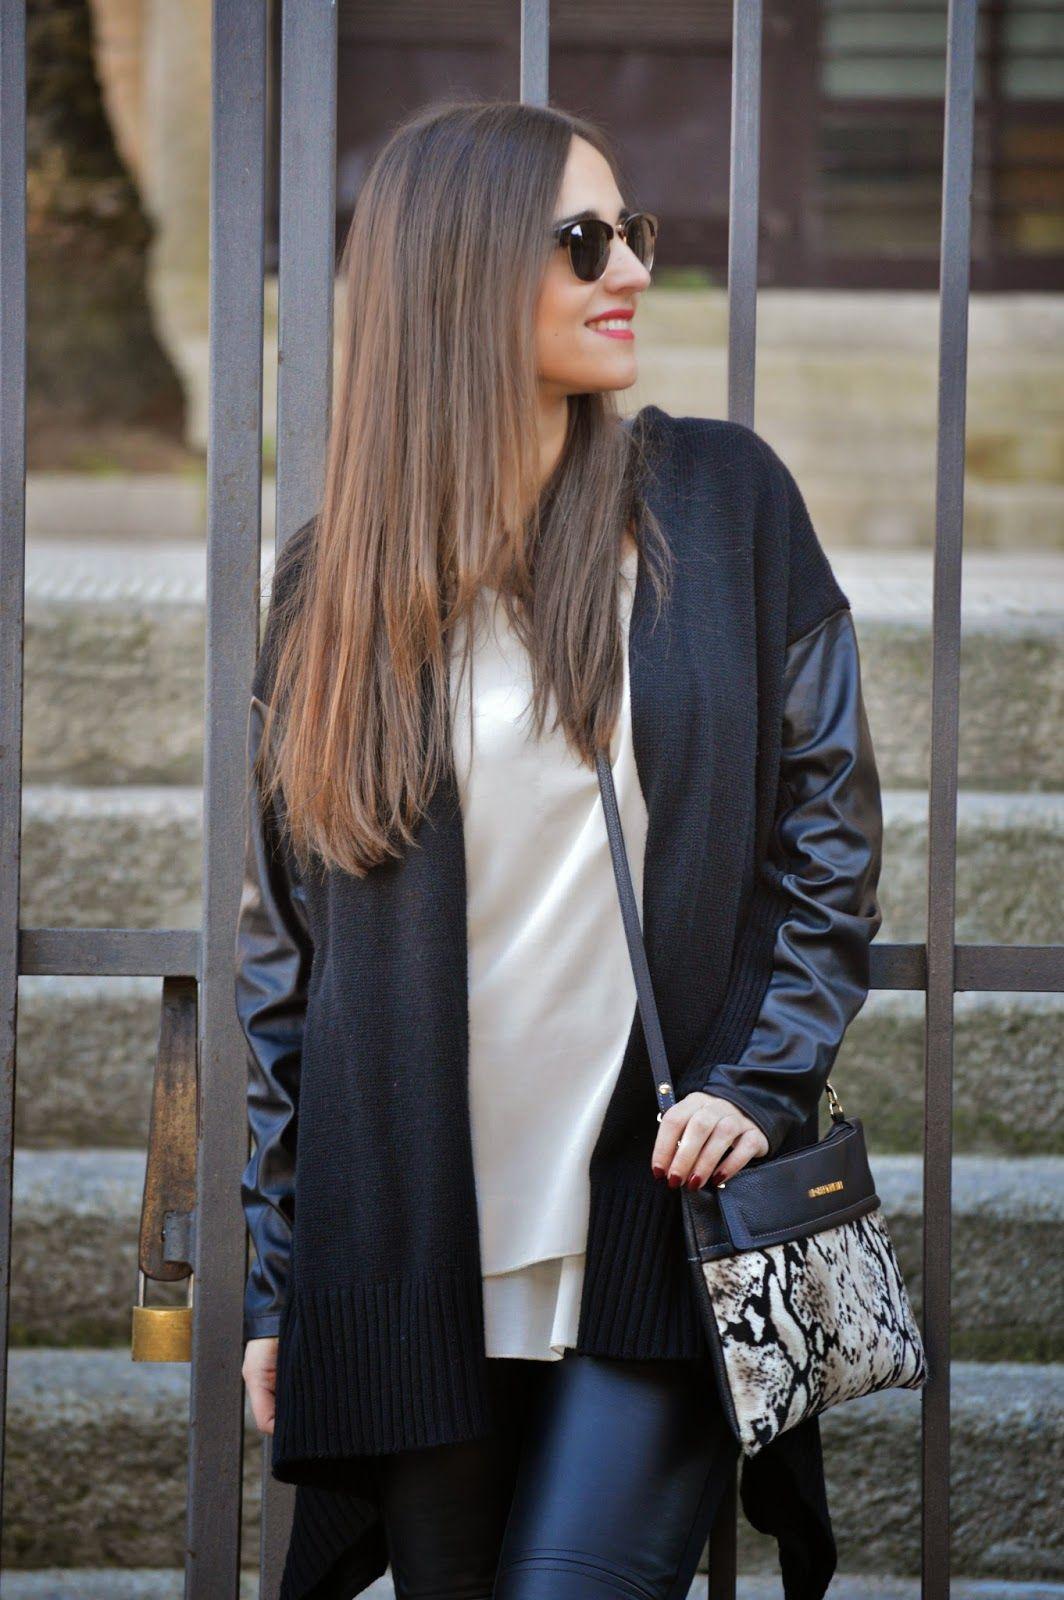 1000 maneras de vestir con bolso de piel Robert Pietri en animal print.  #robertpietri #bolsos #handbags #madeinspain #hechoenespaña #moda #tendencias #blog #bloggers #1000manerasdevestir #estilo #style